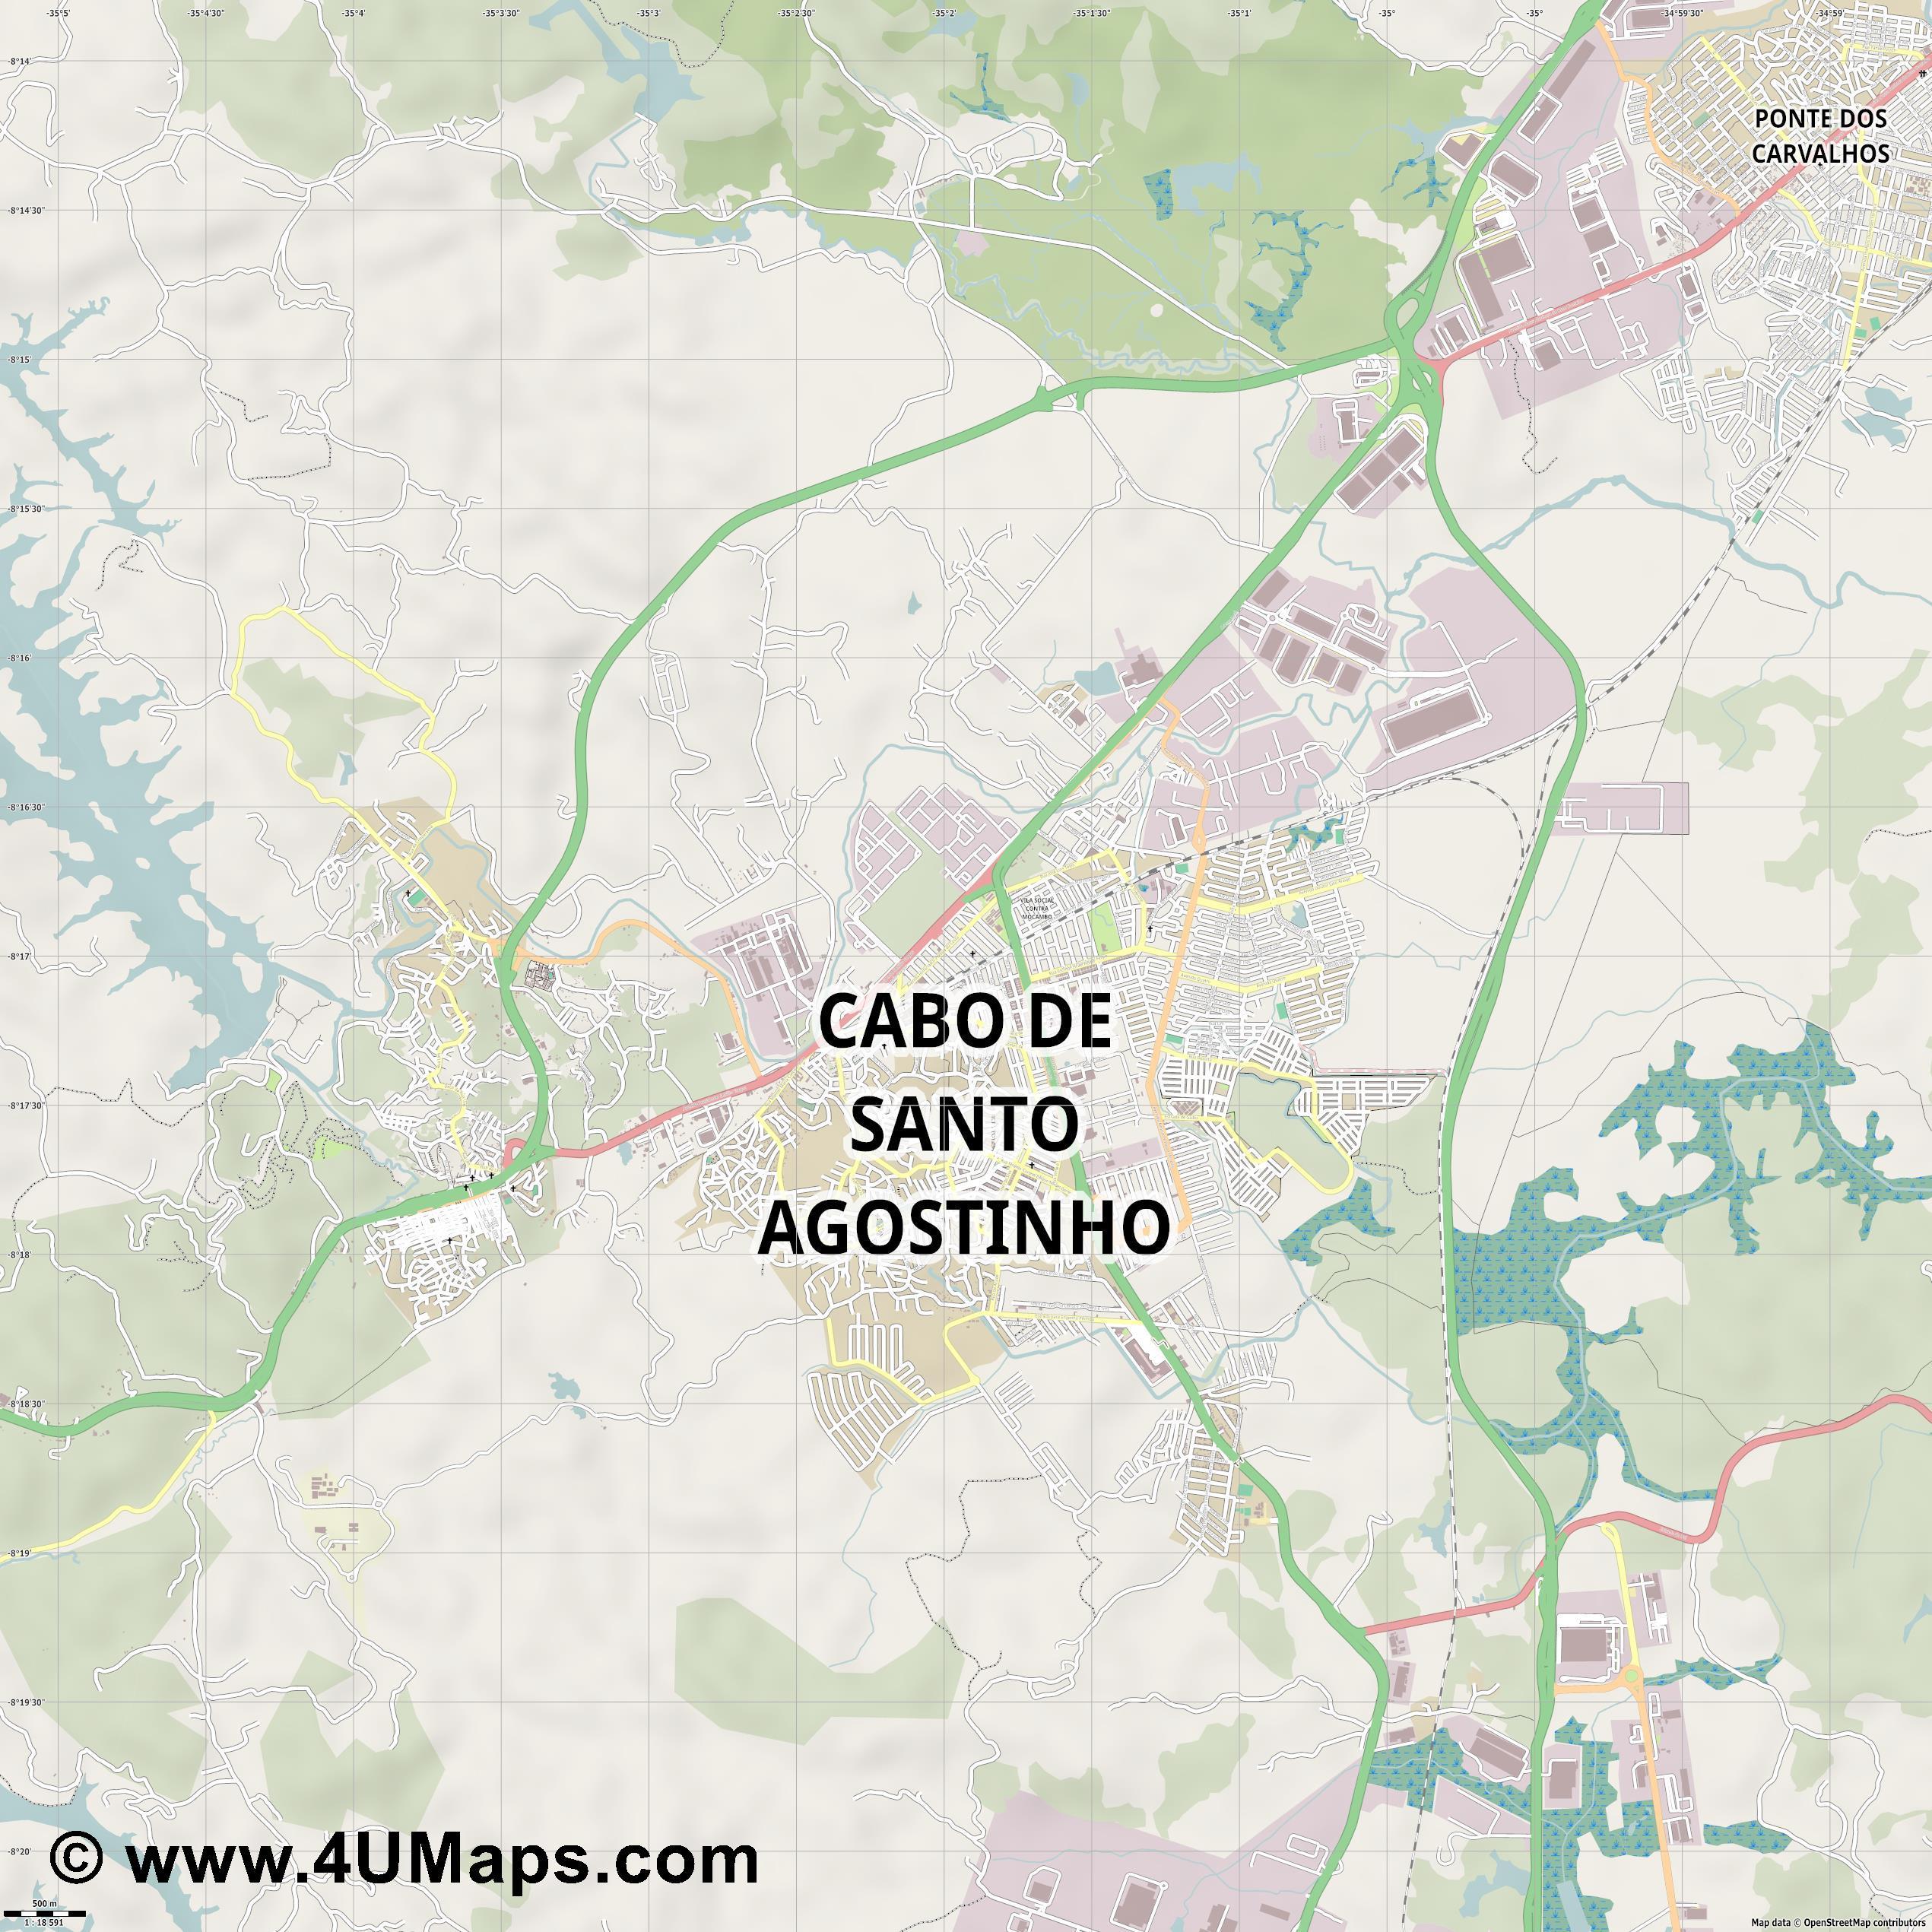 Svg Scalable Vector City Map Cabo De Santo Agostinho - Cabo de santo agostinho map